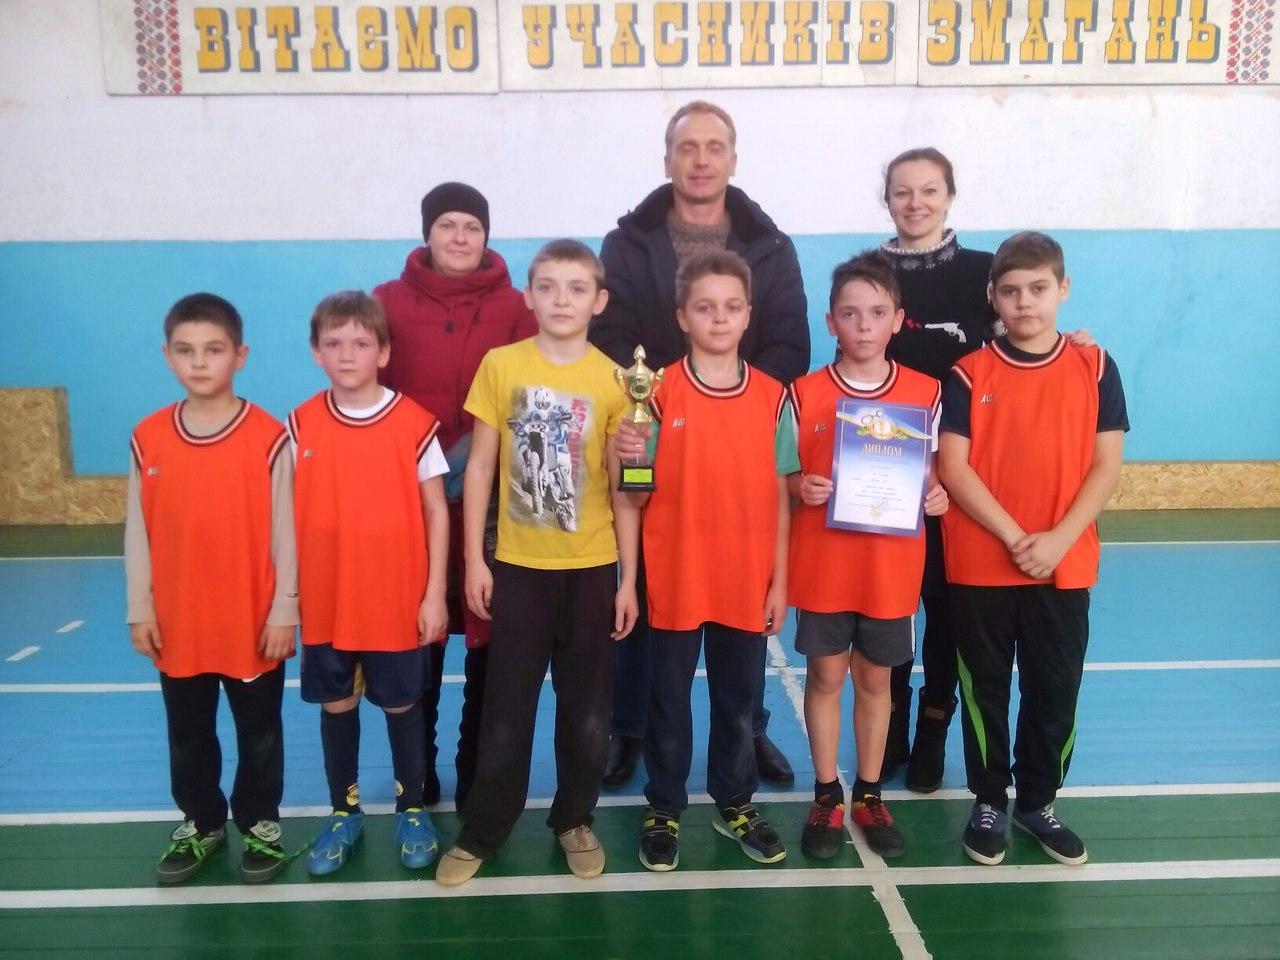 Міська Спартакіада школярів 2016/2017 з міні-футболу